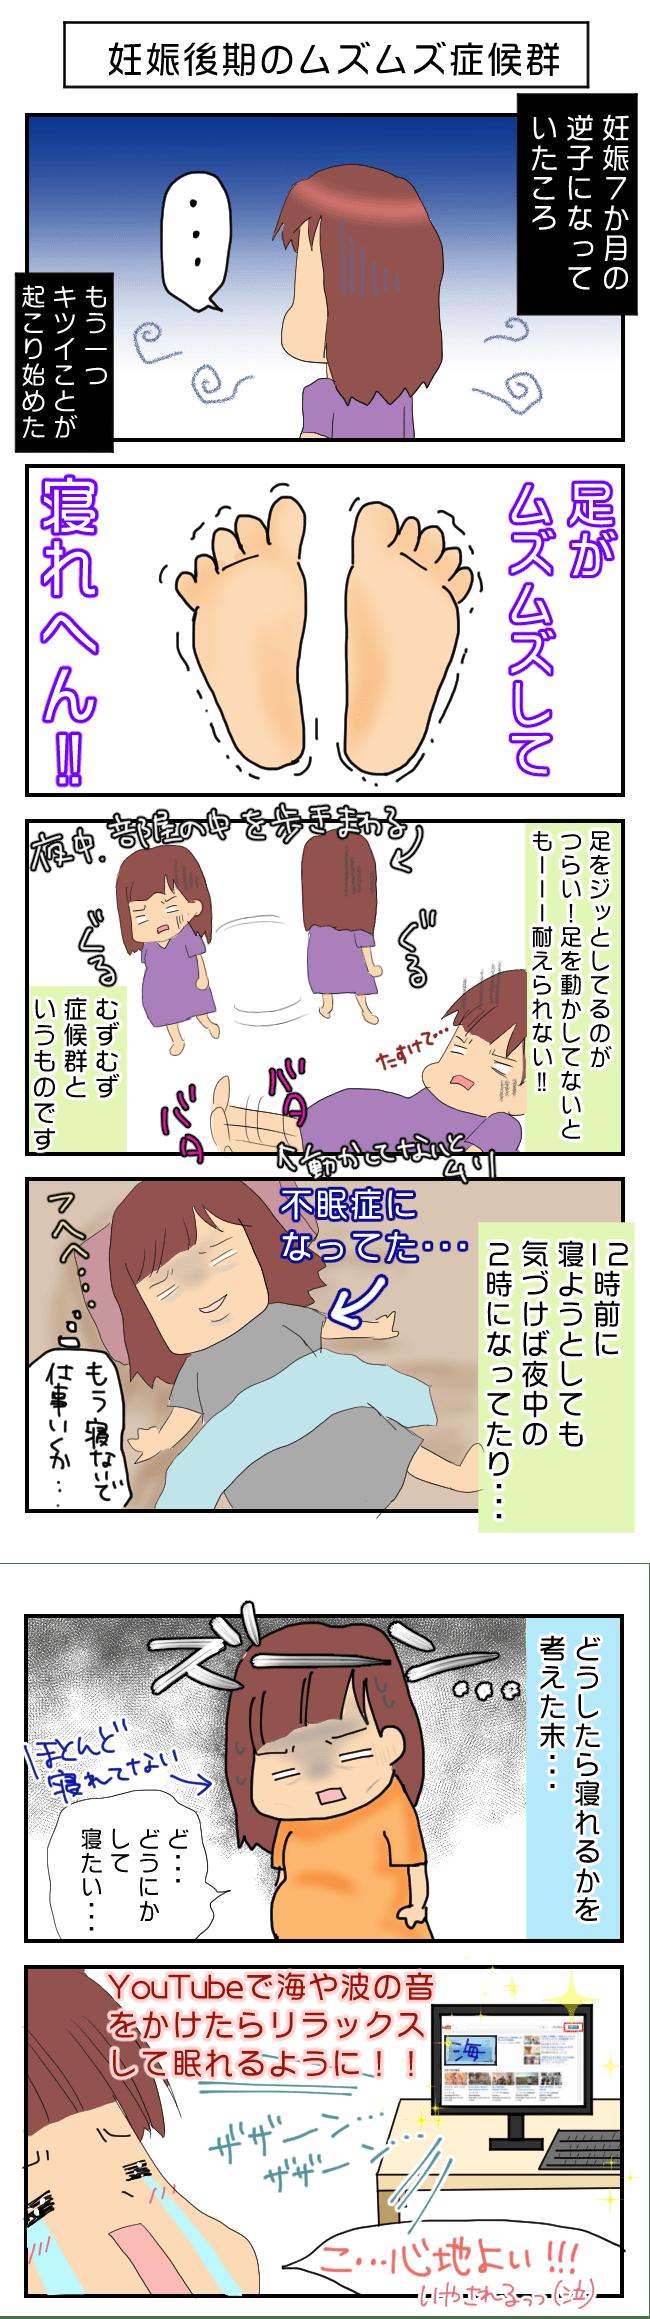 妊娠 後期 不眠